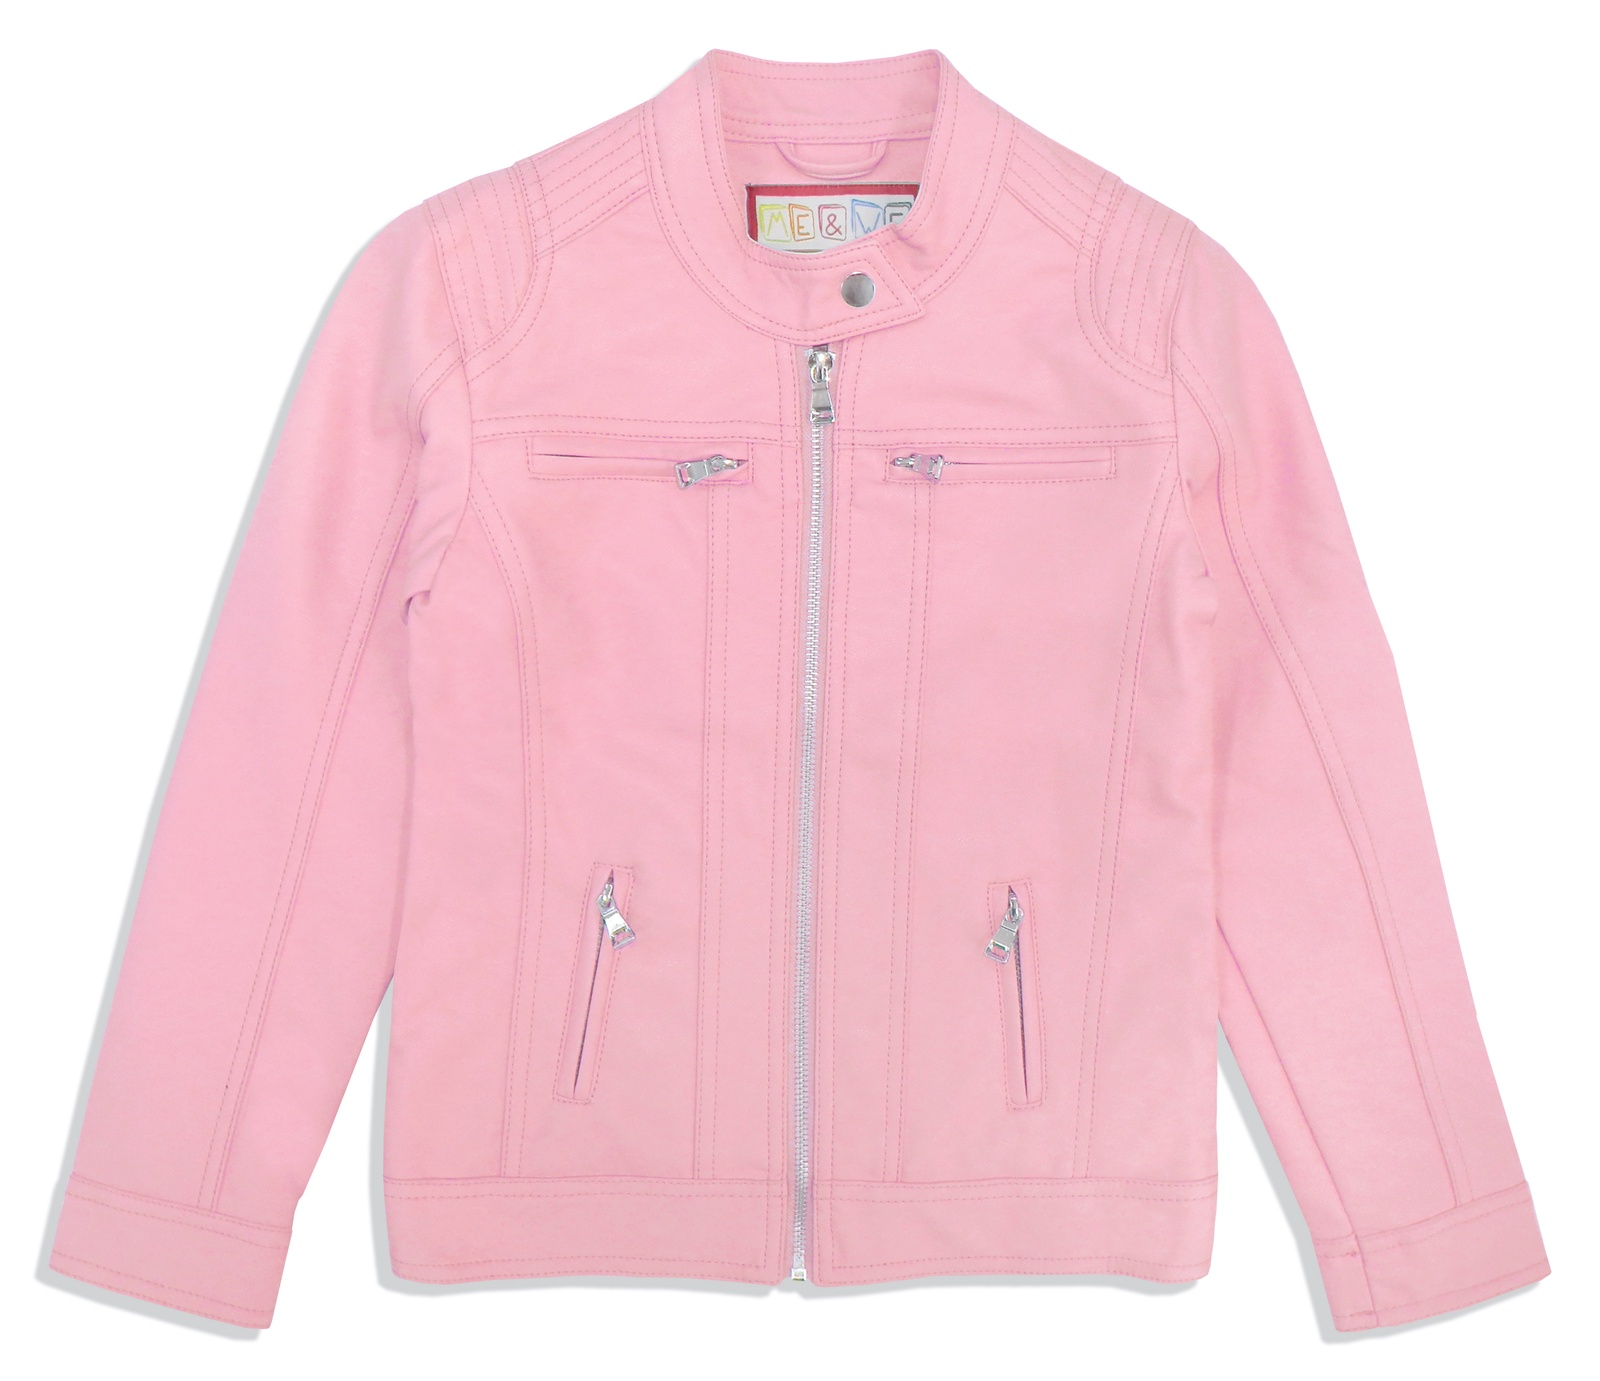 Фото - Куртка Me&We джемпер для девочки acoola pansy цвет светло розовый 20220310076 3400 размер 128